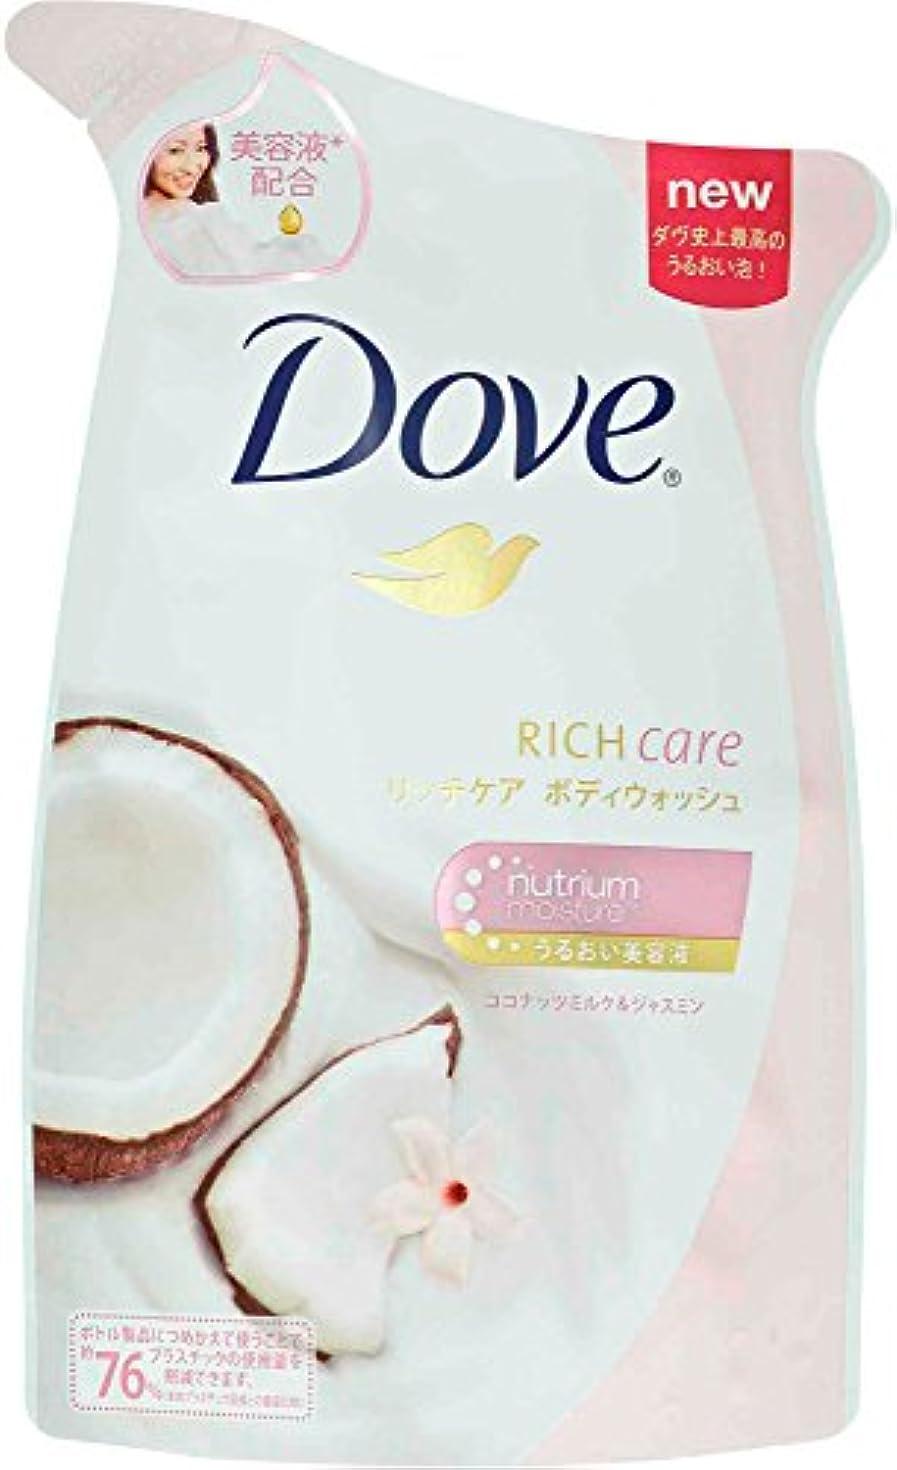 クレタ一貫した泥だらけダヴ ボディウォッシュ リッチケア ココナッツミルク&ジャスミン つめかえ用 360g